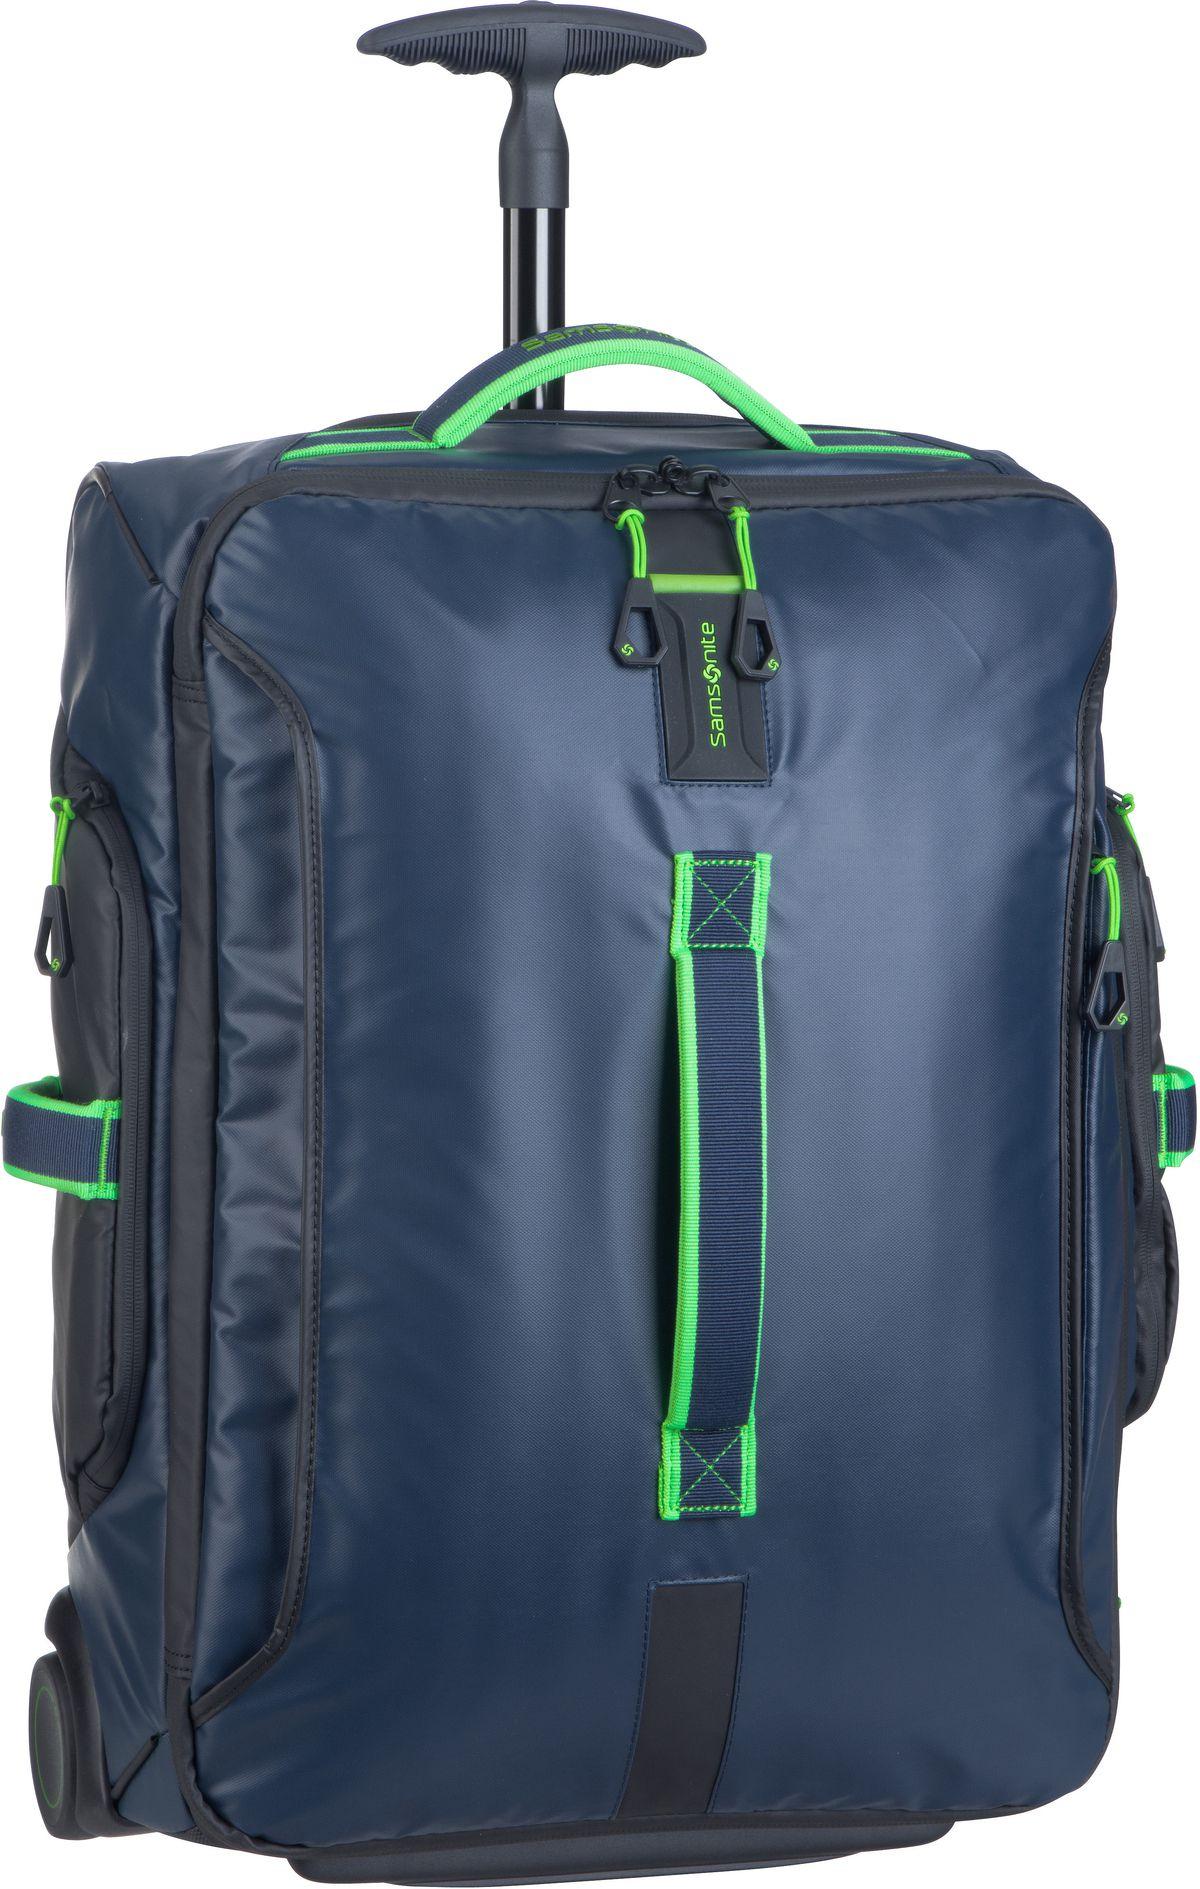 Reisegepaeck für Frauen - Samsonite Trolley Koffer Paradiver Light Wheeled Cabin Duffle 55 Night Blue Fluo Green (48.5 Liter)  - Onlineshop Taschenkaufhaus